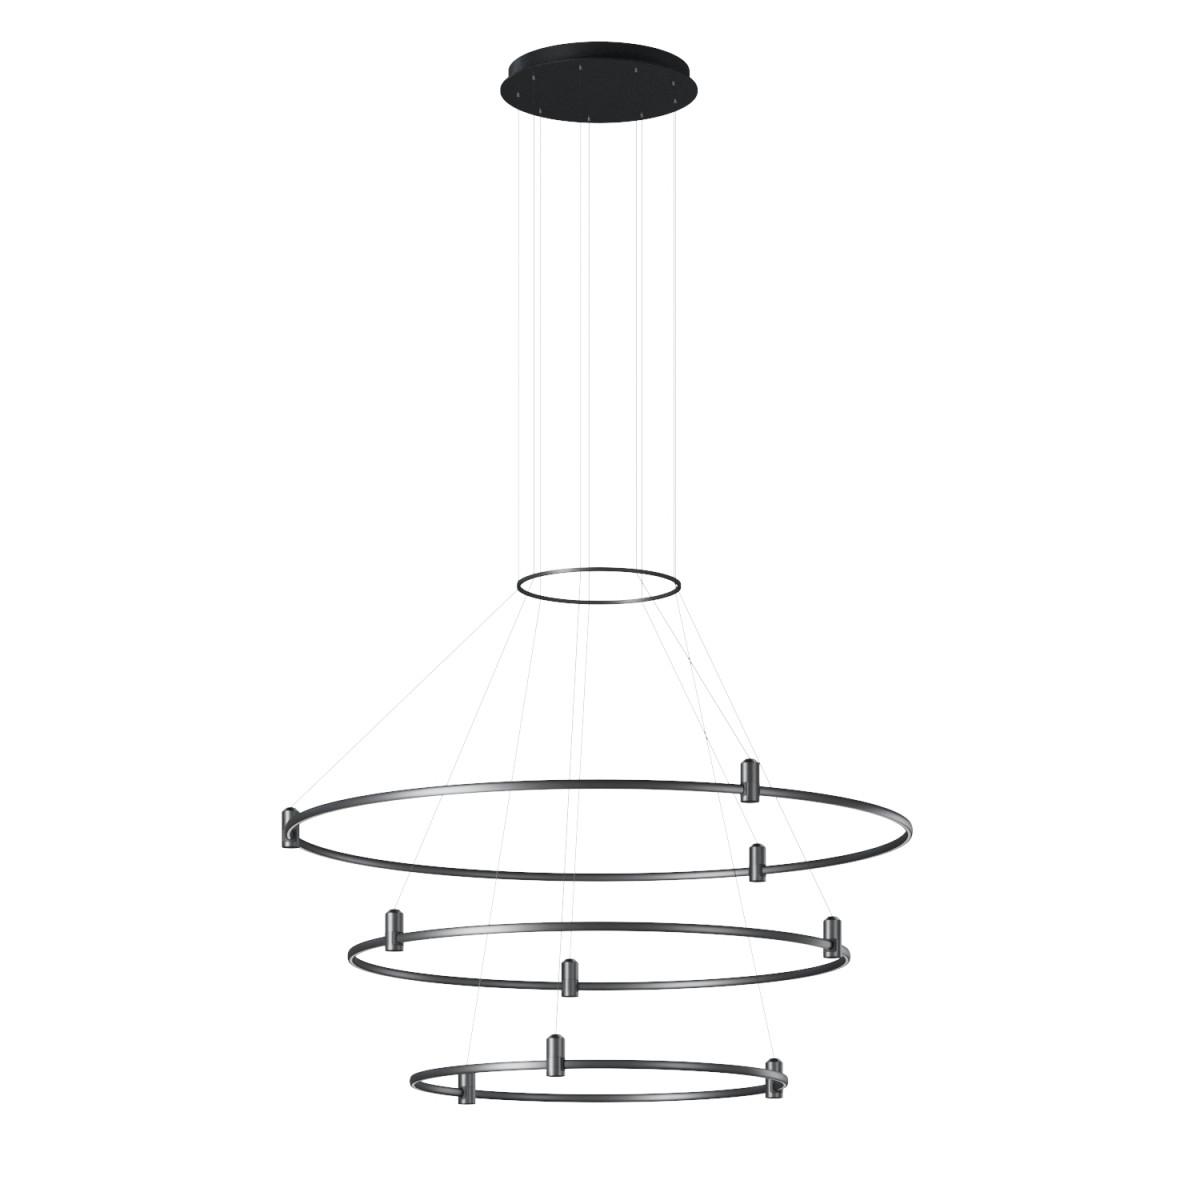 Комплект для крепления магнитных светильников